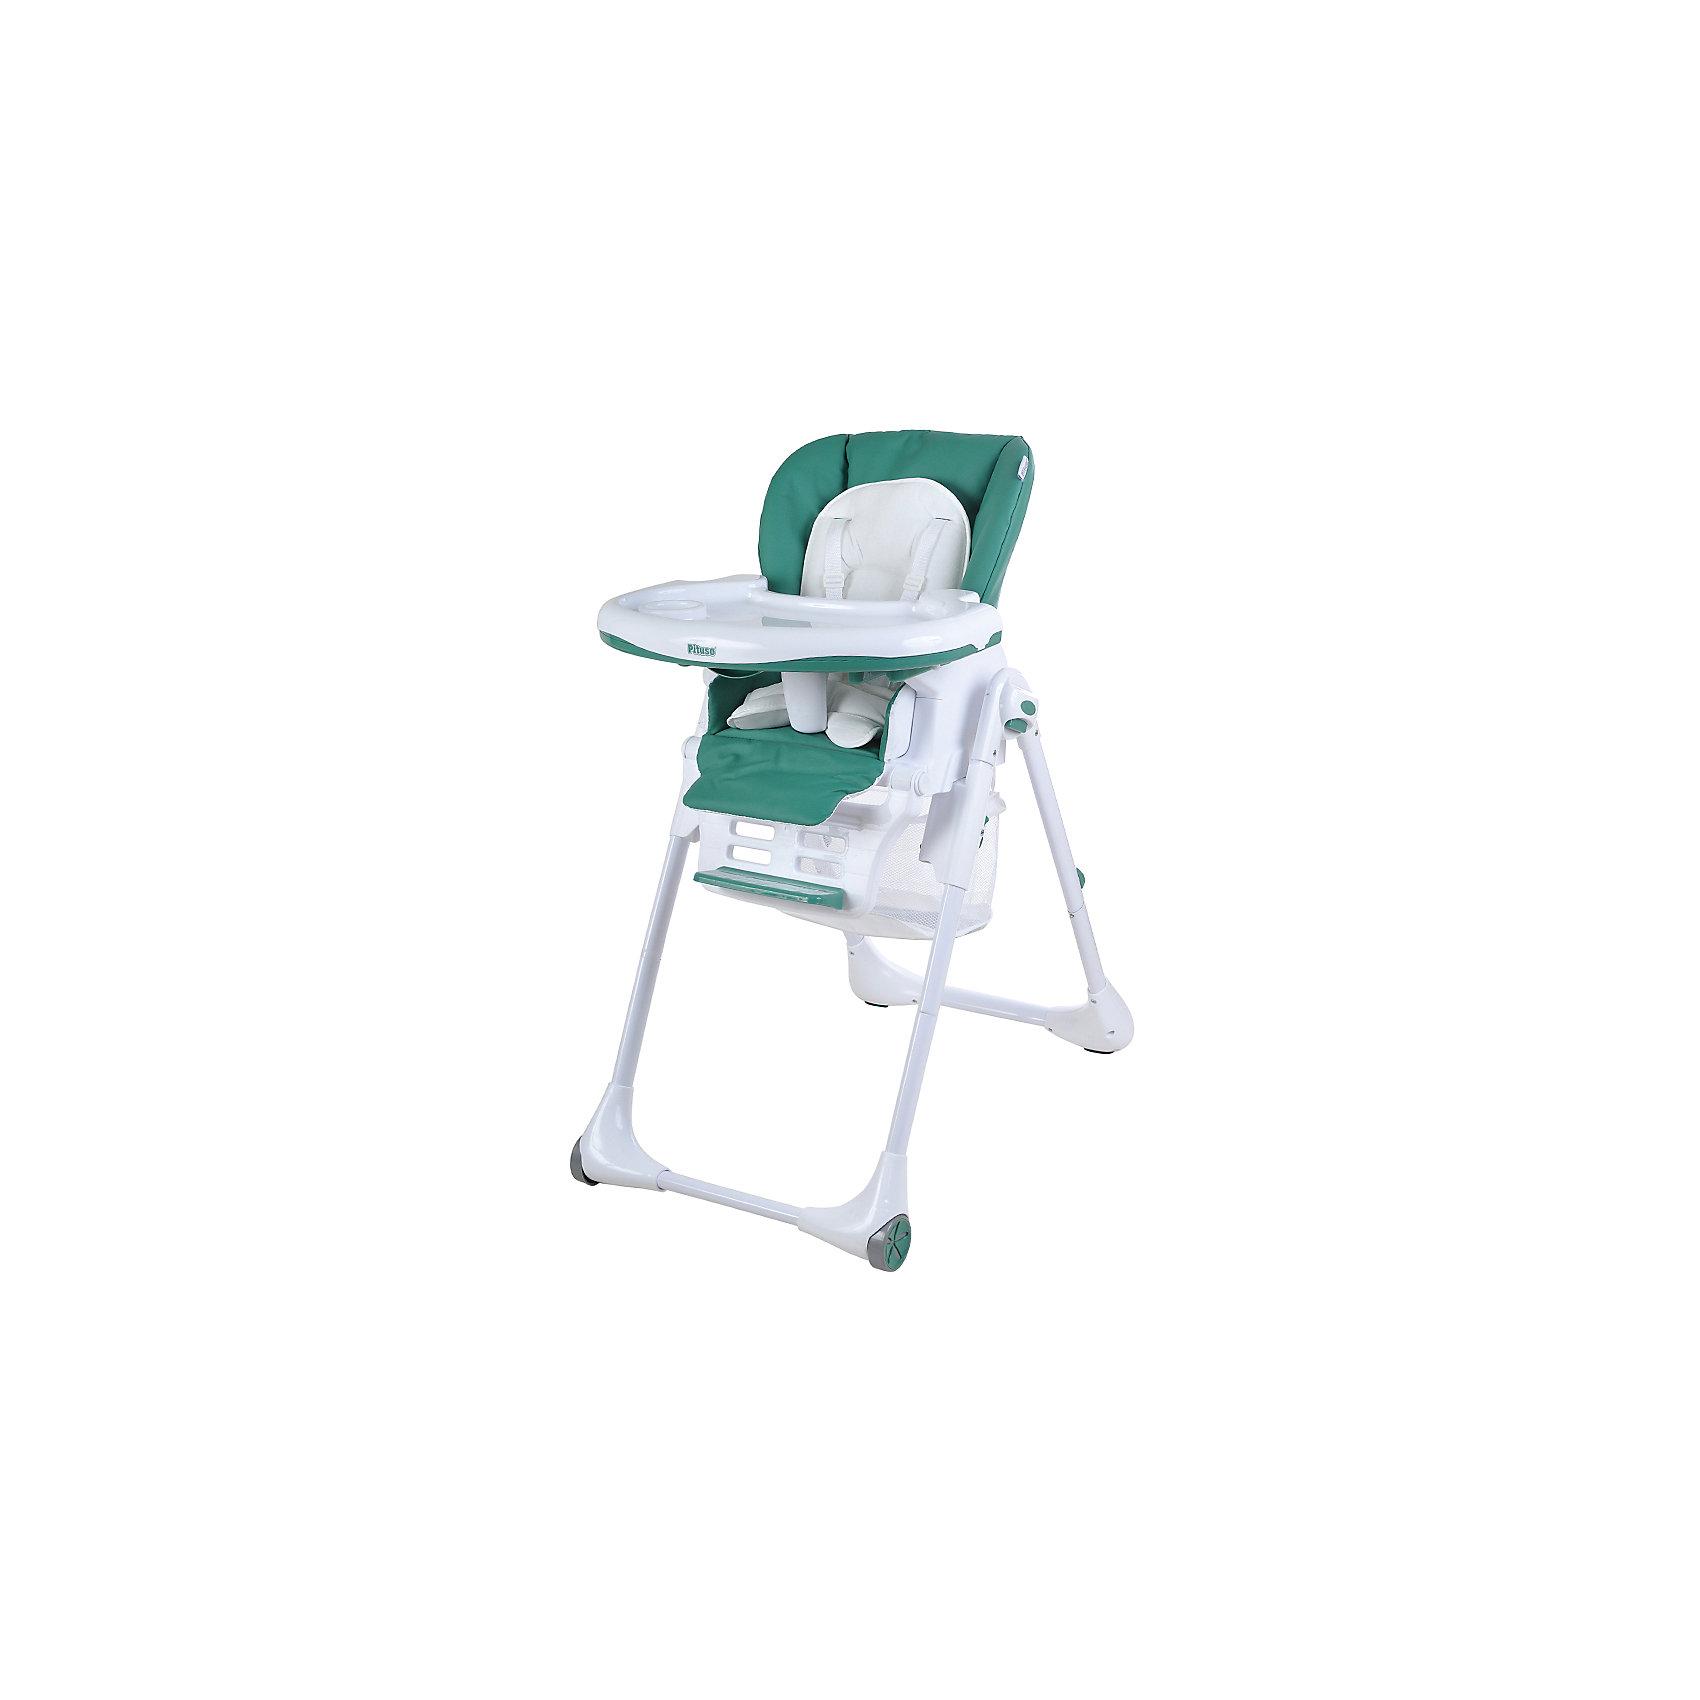 Pituso Стульчик для кормления ELCANTO, Pituso, ECO кожа, зеленый pituso стульчик для кормления bonito дружок попугай pituso белый